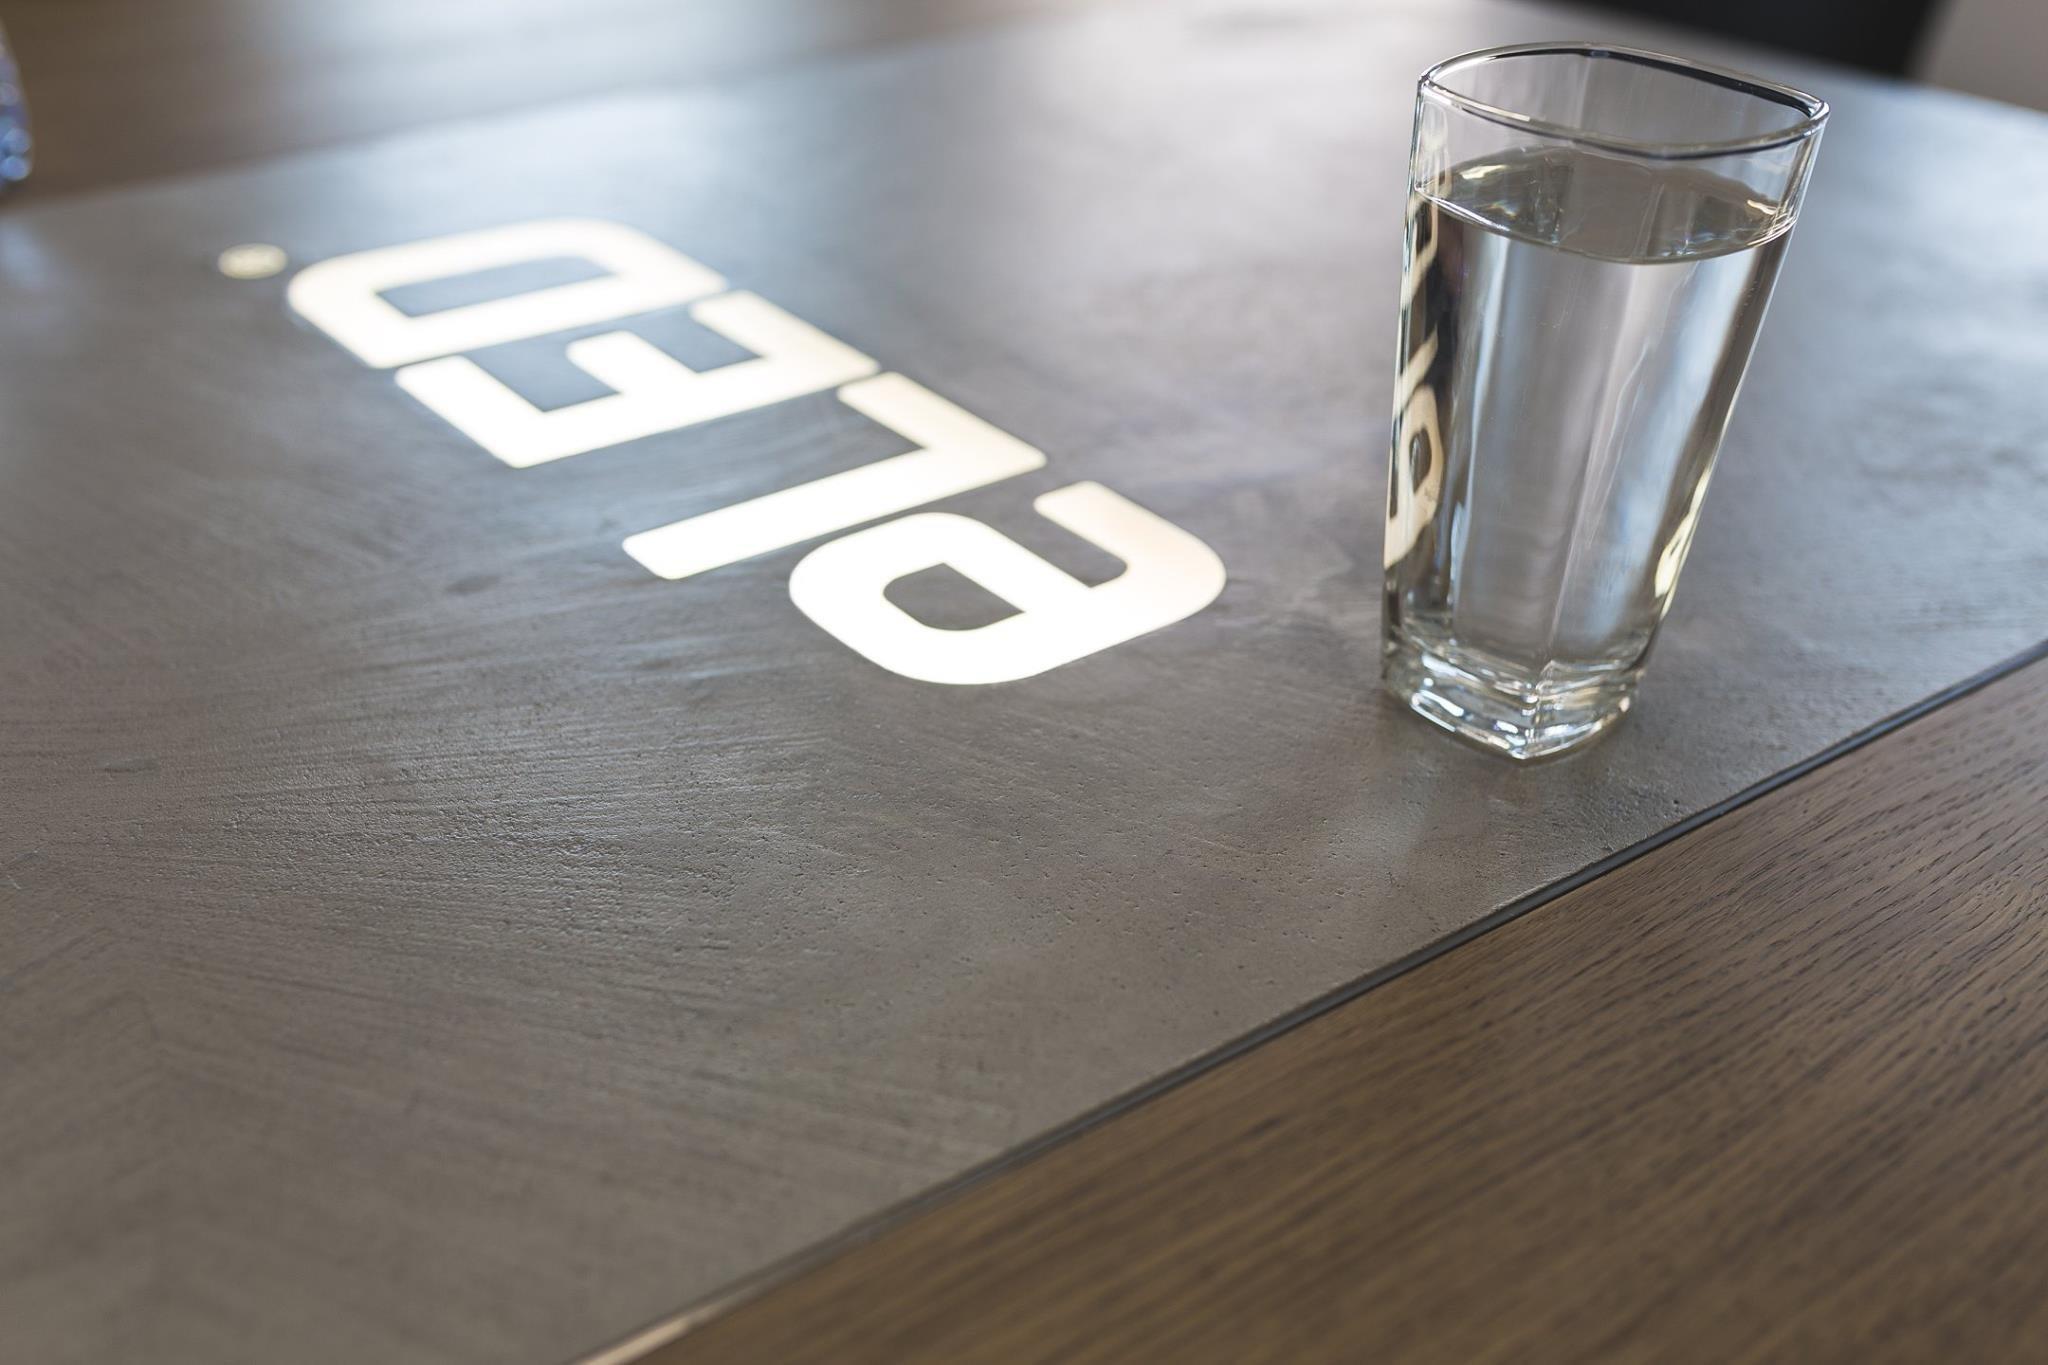 Jedinečný stůl s kombinací betonové stěrky a svíticího loga    -Akce: Atypický designovýstůl  -Autor: Mariana Hendrychováze studia…